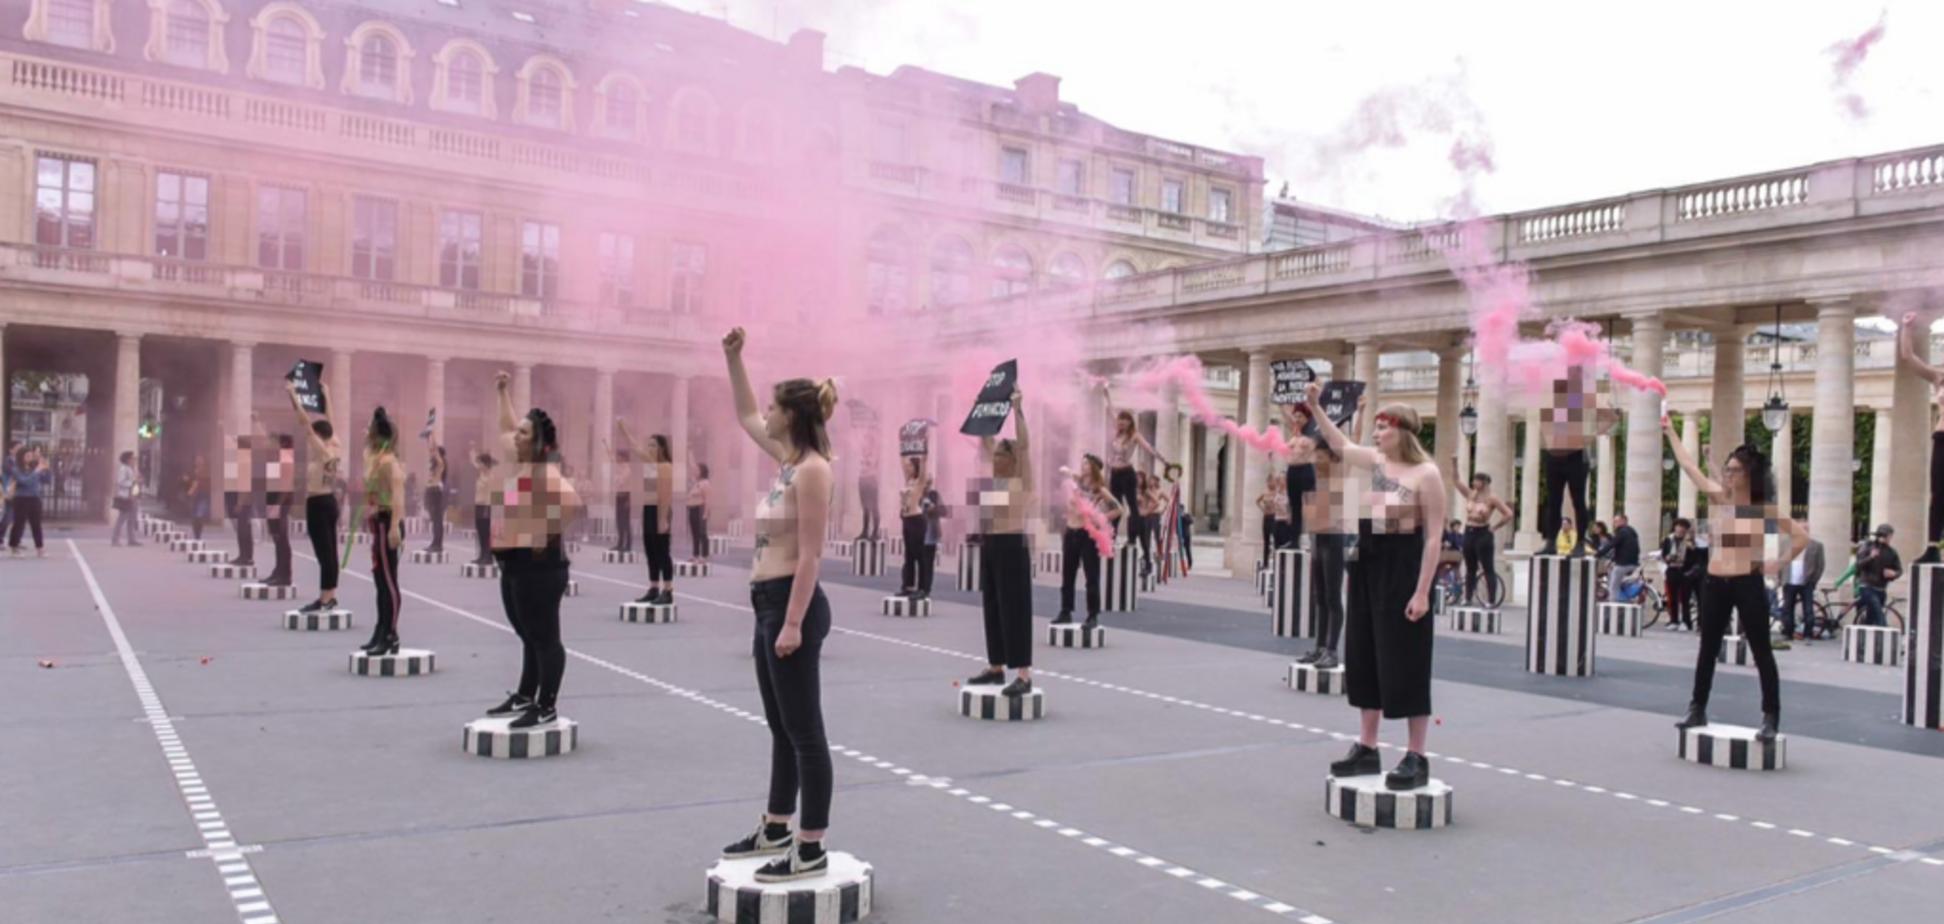 Femen устроили массовую акцию в центре Парижа: фото и видео